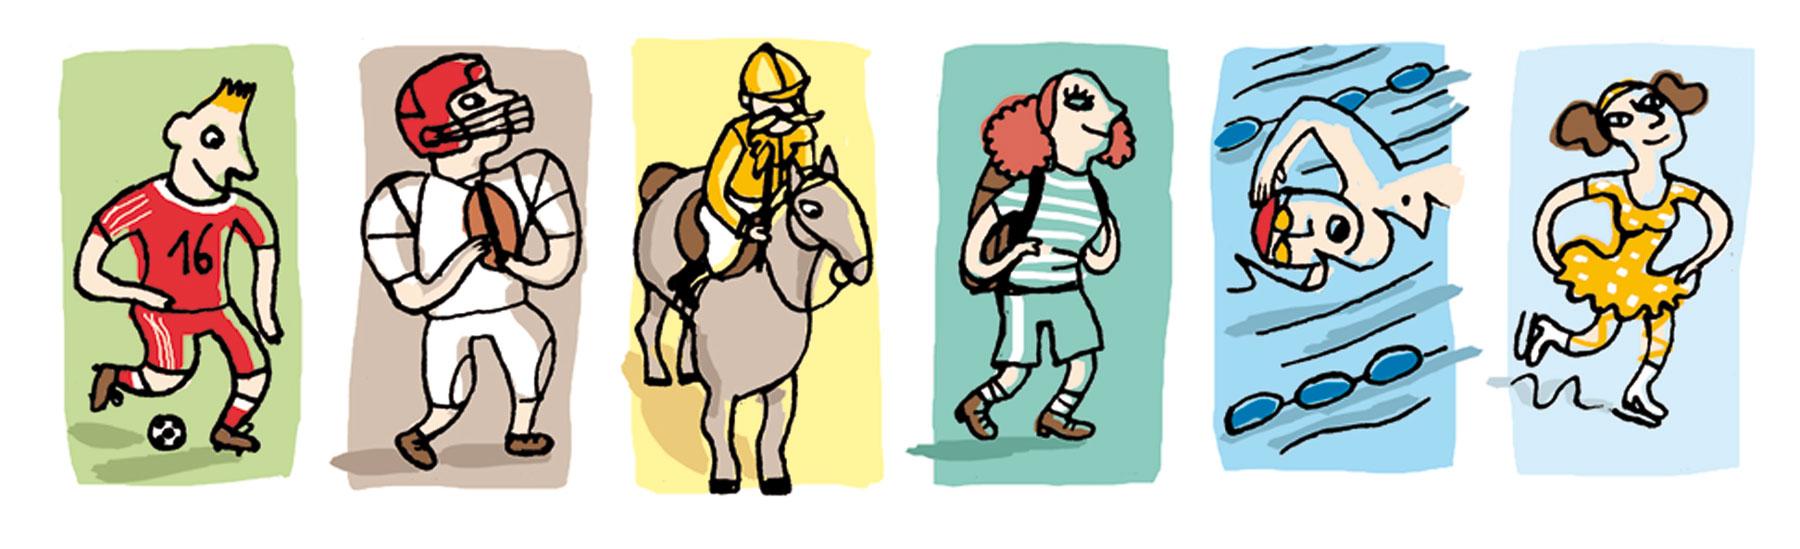 Illustration de Nathalie Dieterlé pour le Besherelle pour apprendre l'anglais des éditions Hatier